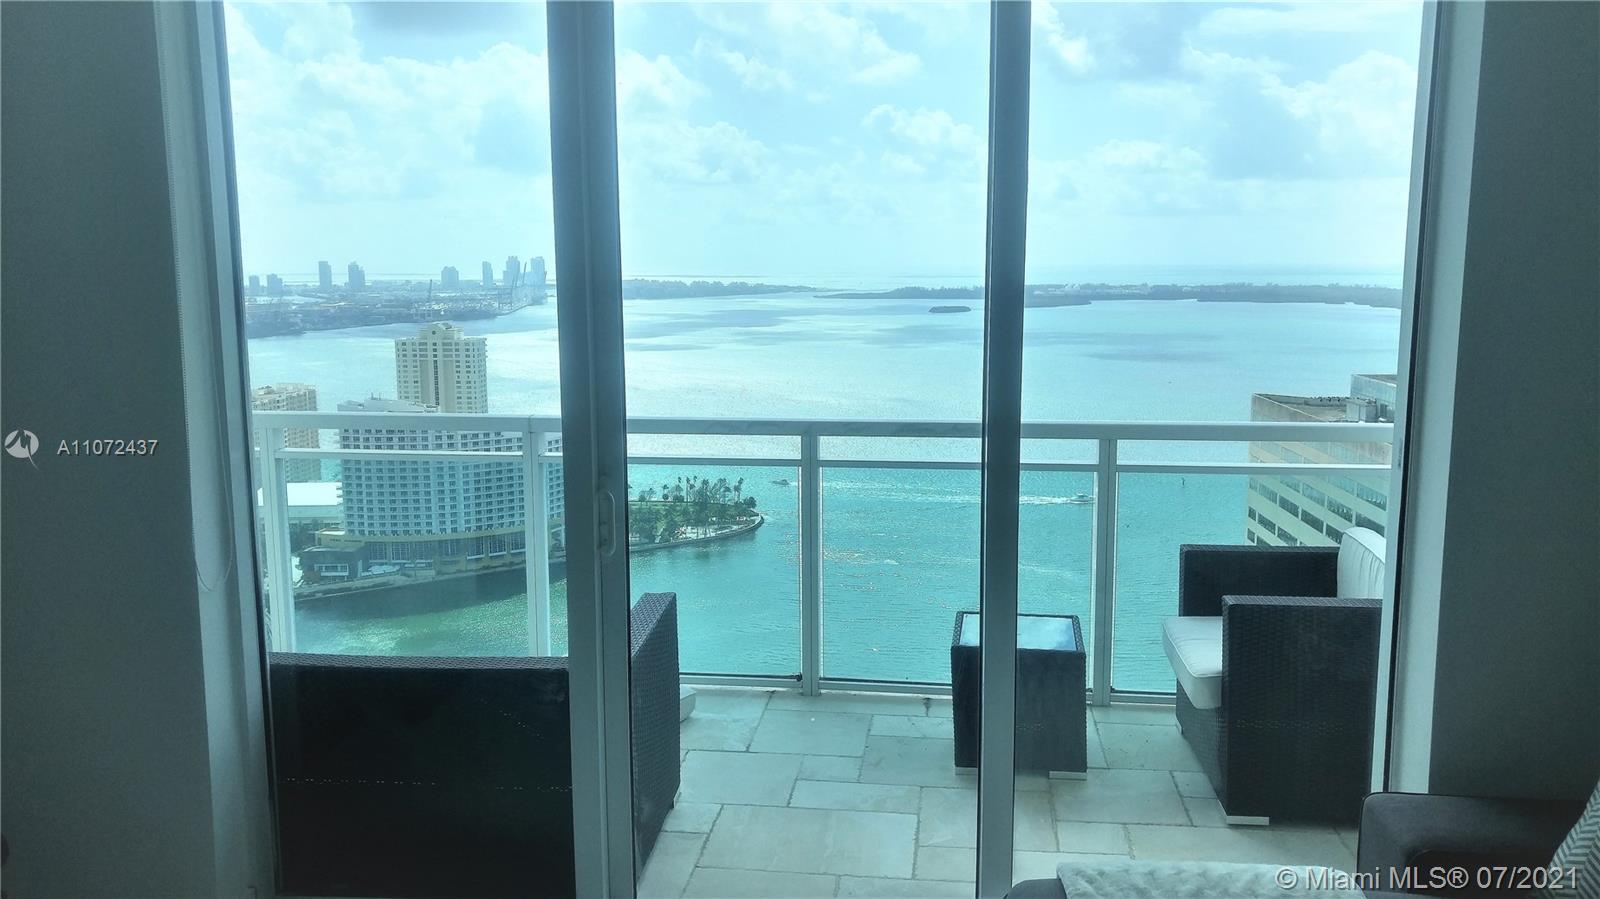 The Plaza on Brickell 2 #PH4306 - 951 Brickell Ave #PH4306, Miami, FL 33131